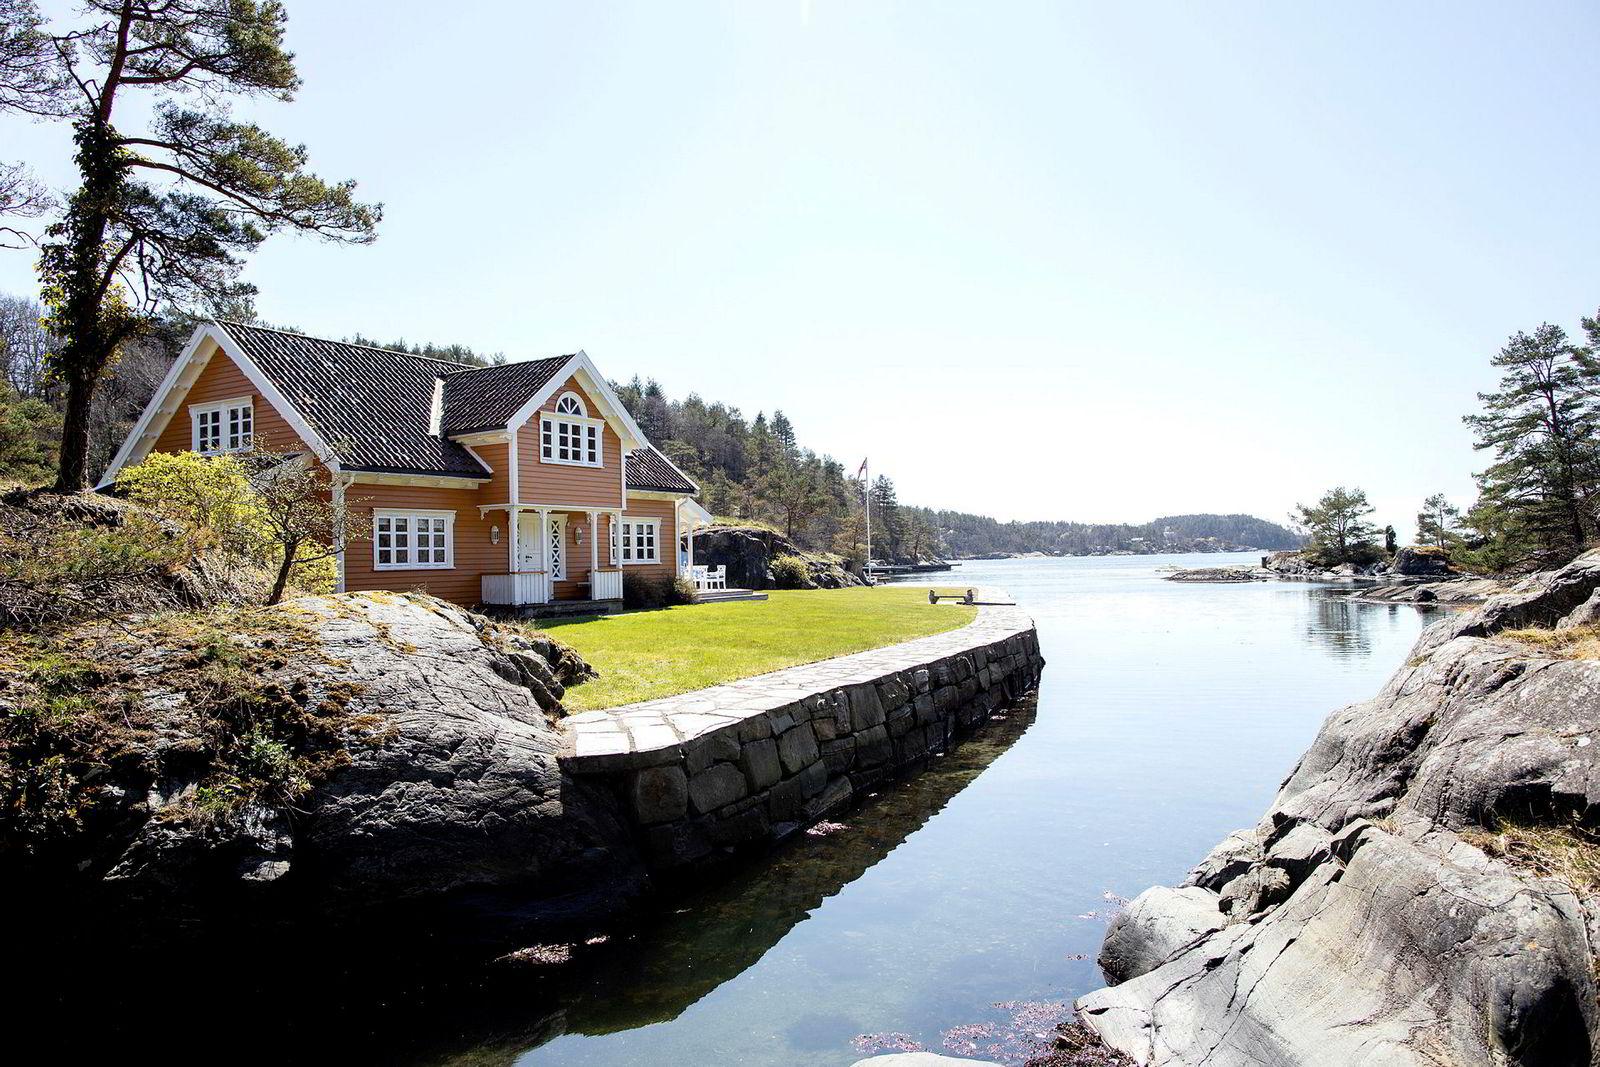 Ringøen-familiens eiendom ligger på en egen øy med utsikt ut Kvåsefjorden i Lillesandsskjærgården.